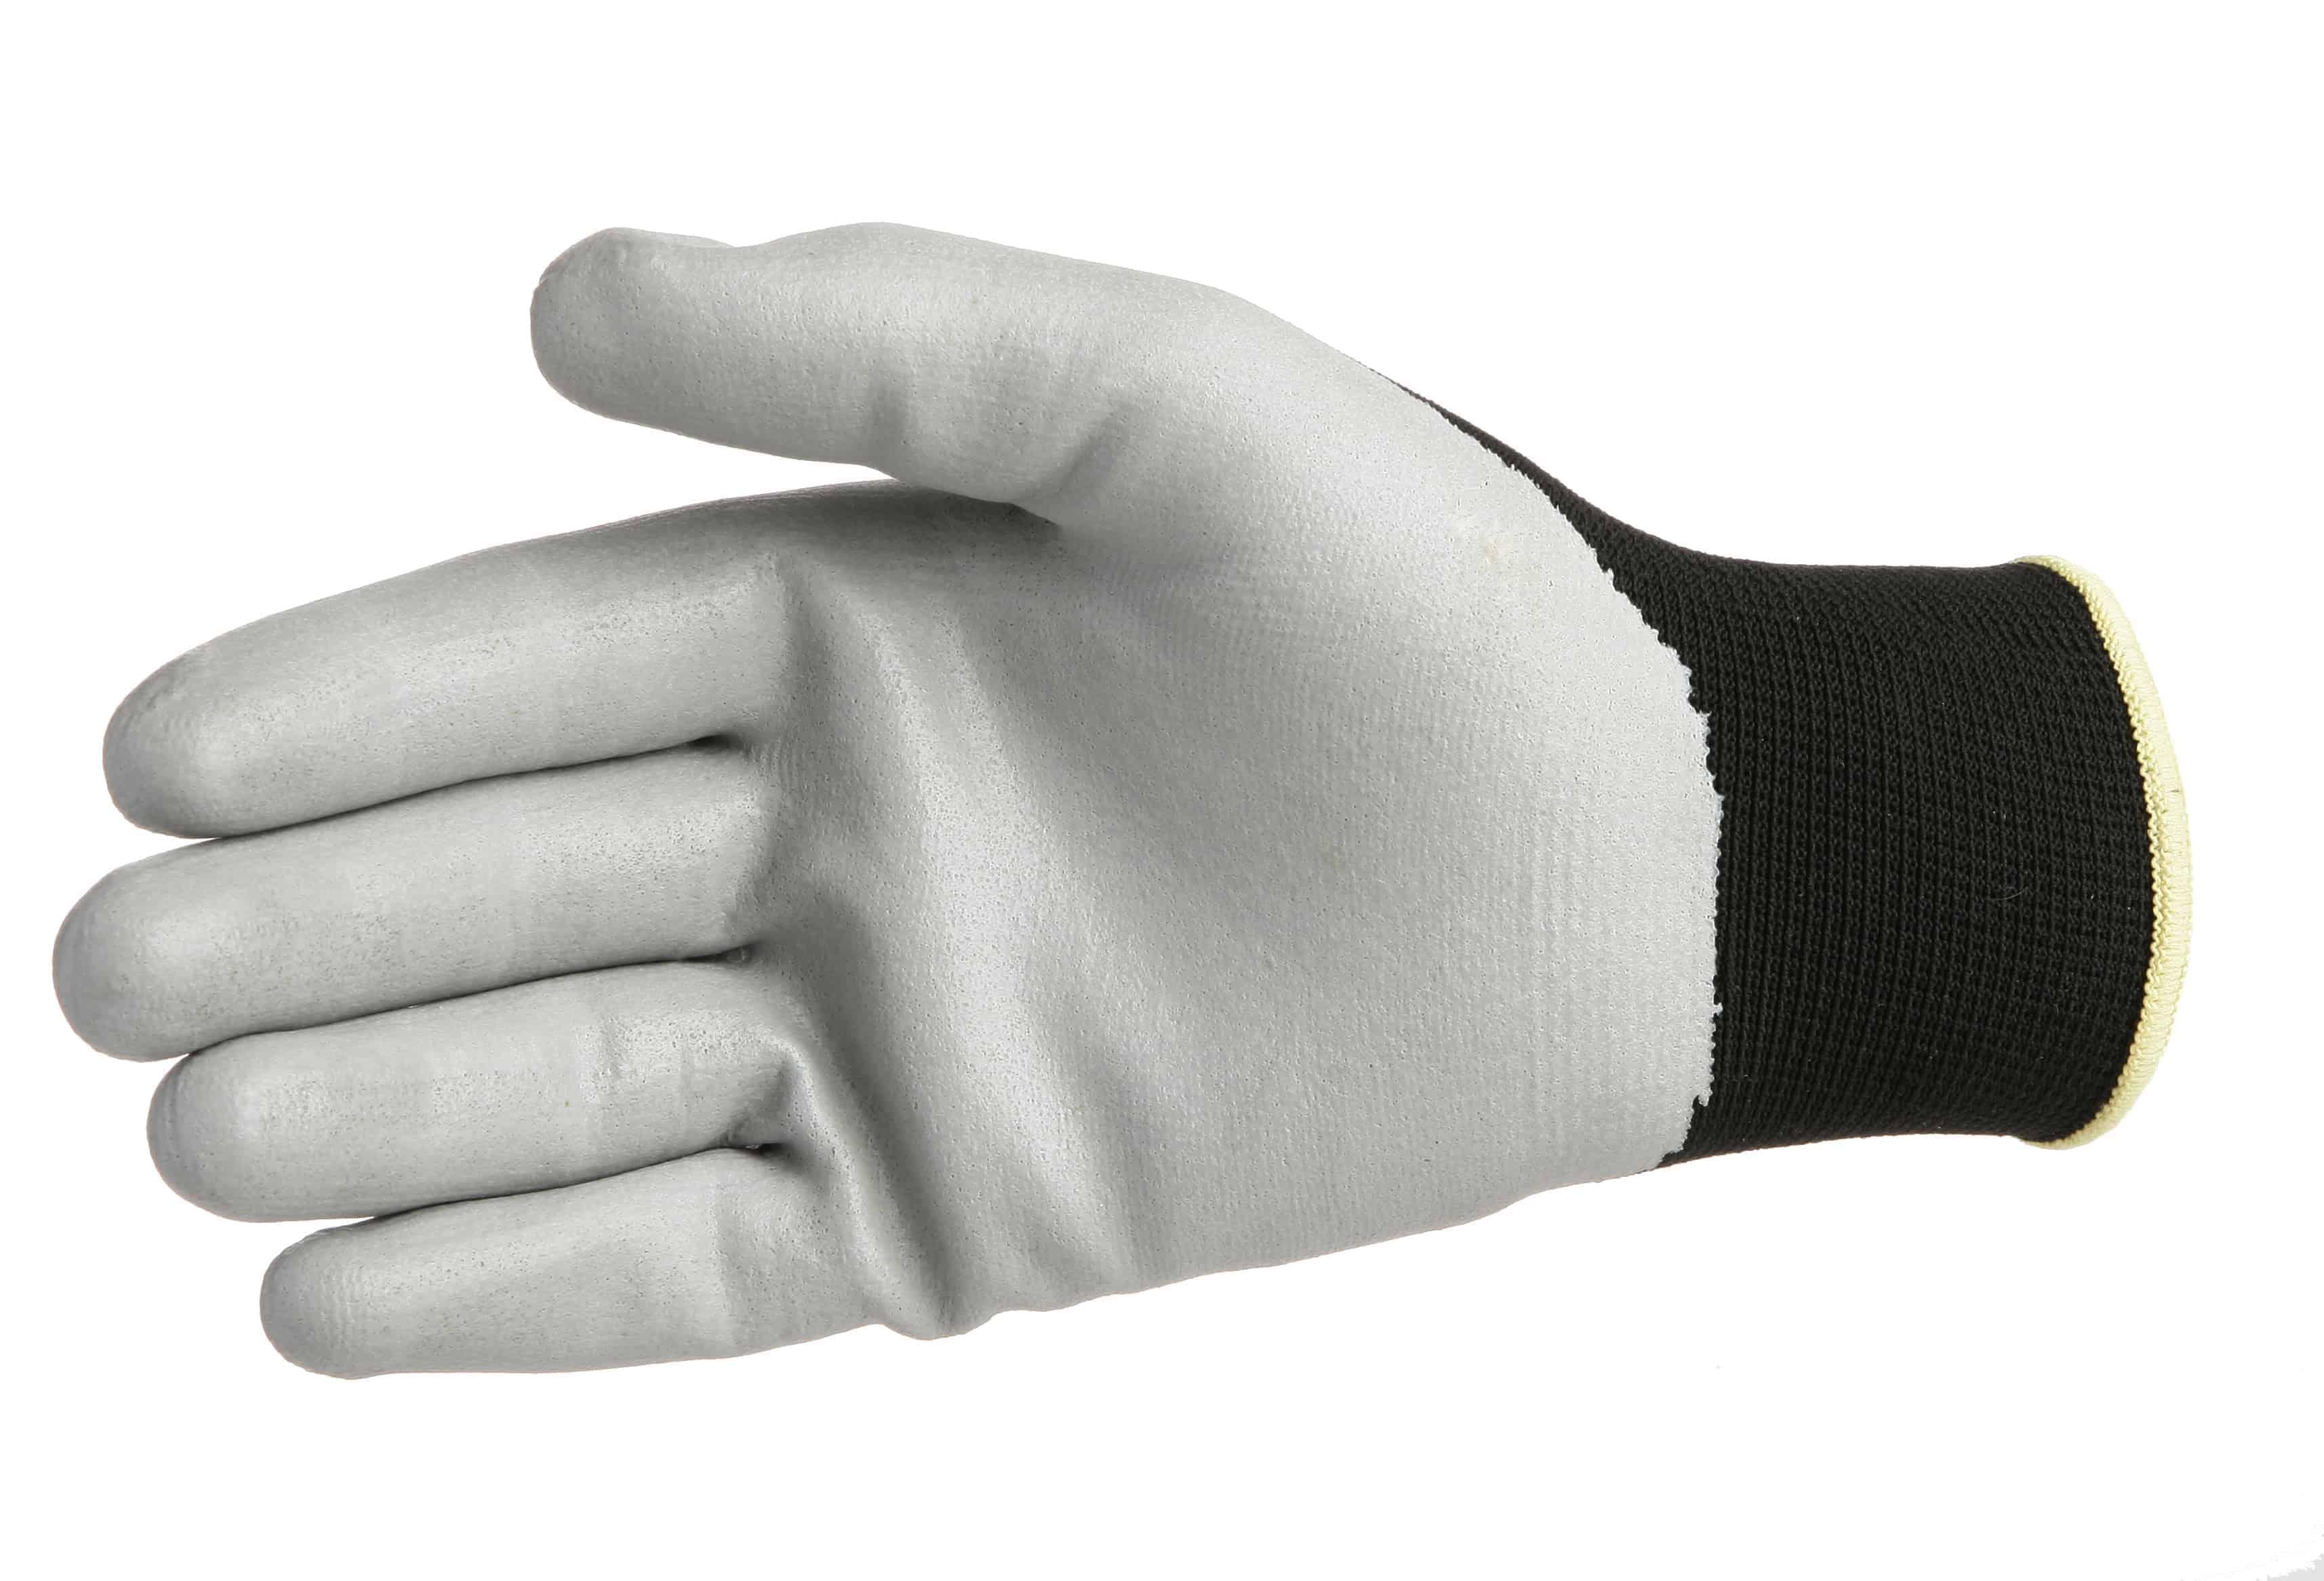 Prosoft Safety Gloves by Safety Jogger